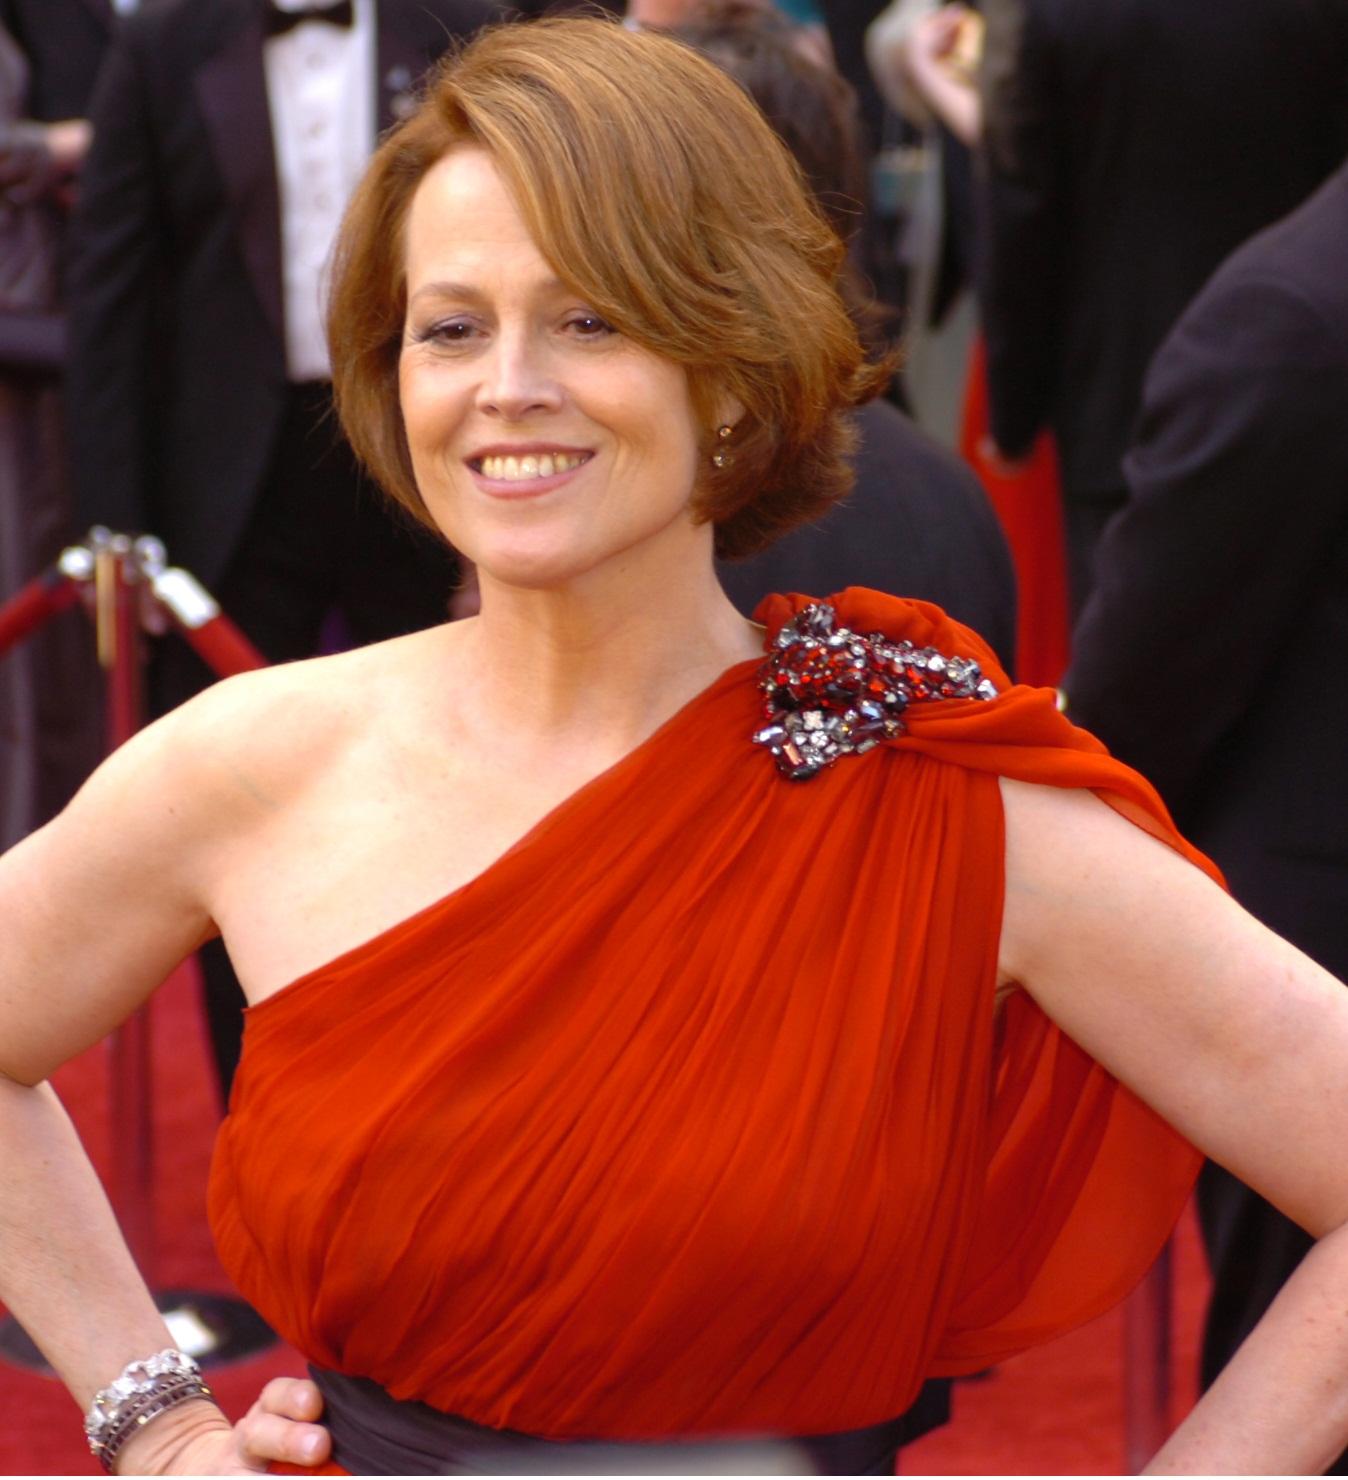 Sigourney_Weaver_@_2010_Academy_Awards_(